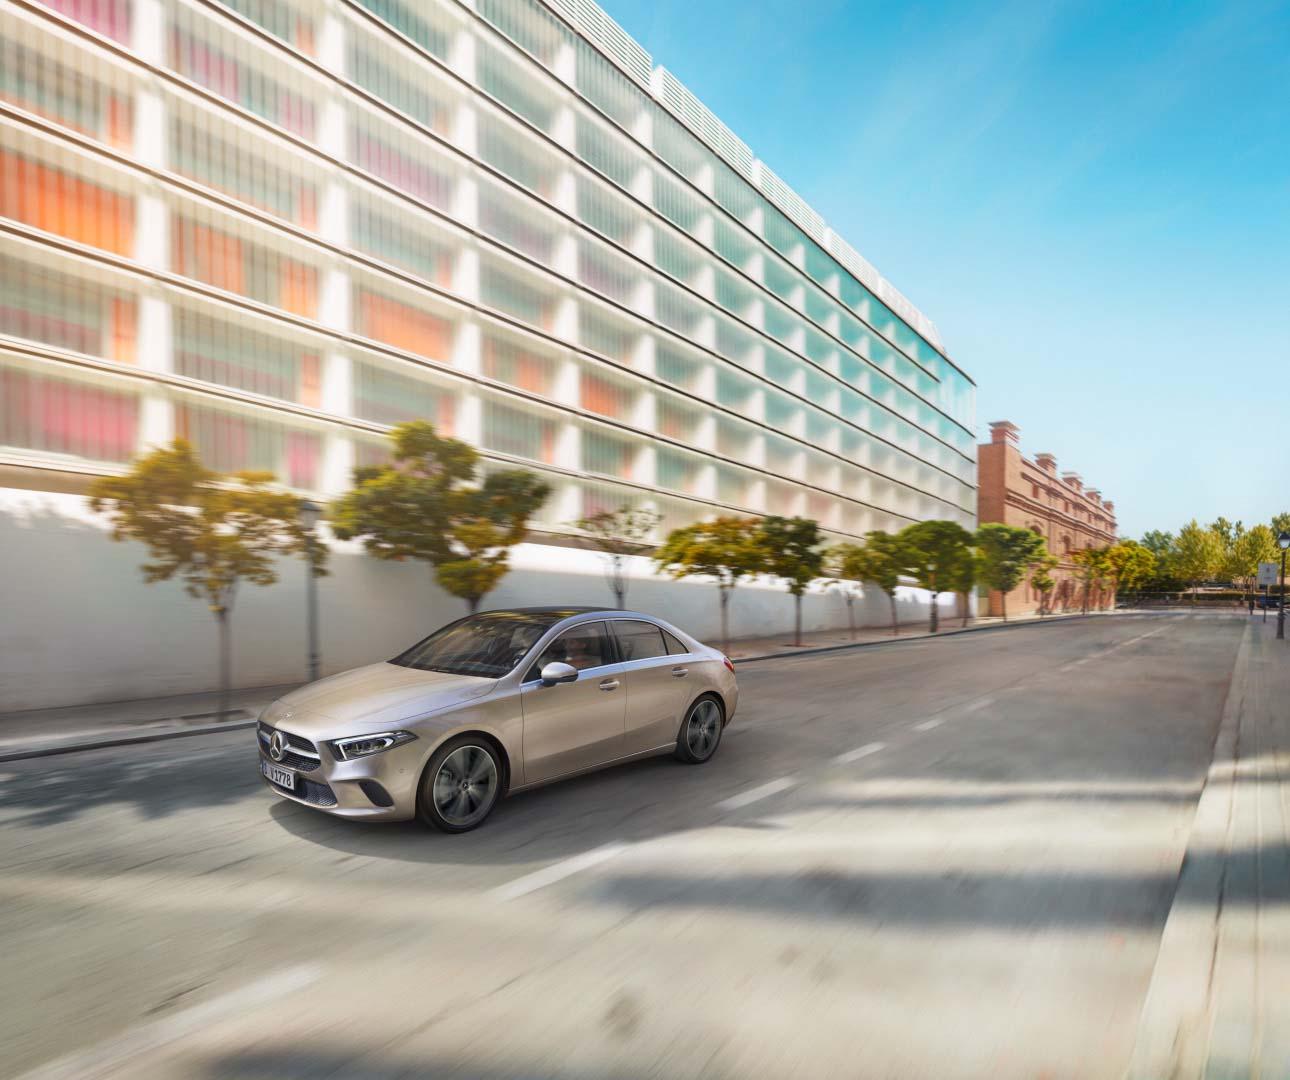 Mercedes Classe A Berline Blanche en mouvement - vue de trois quarts du profil